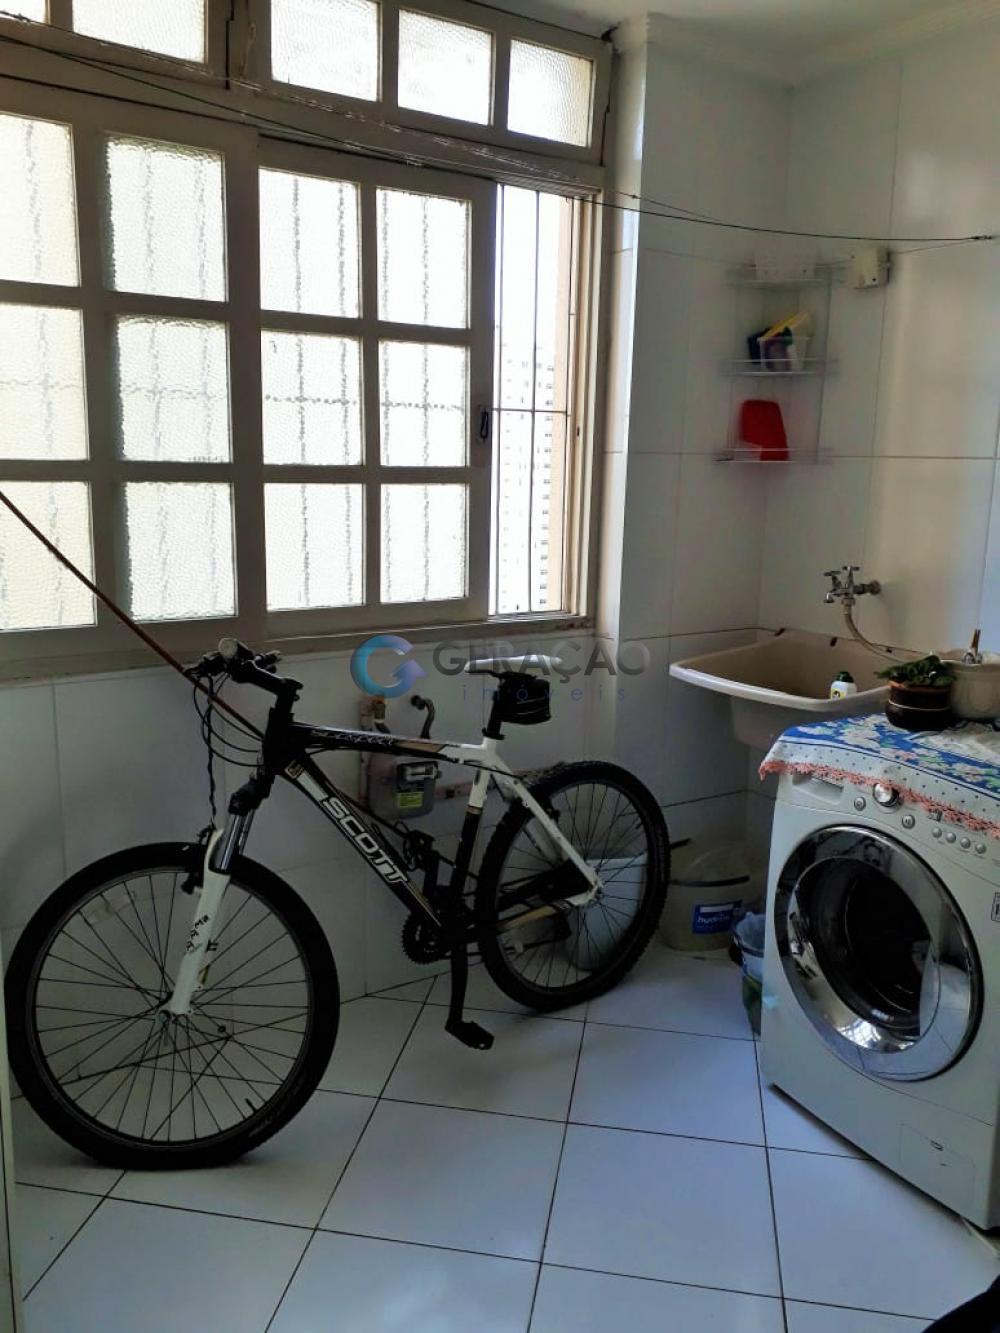 Comprar Apartamento / Padrão em São José dos Campos apenas R$ 650.000,00 - Foto 5